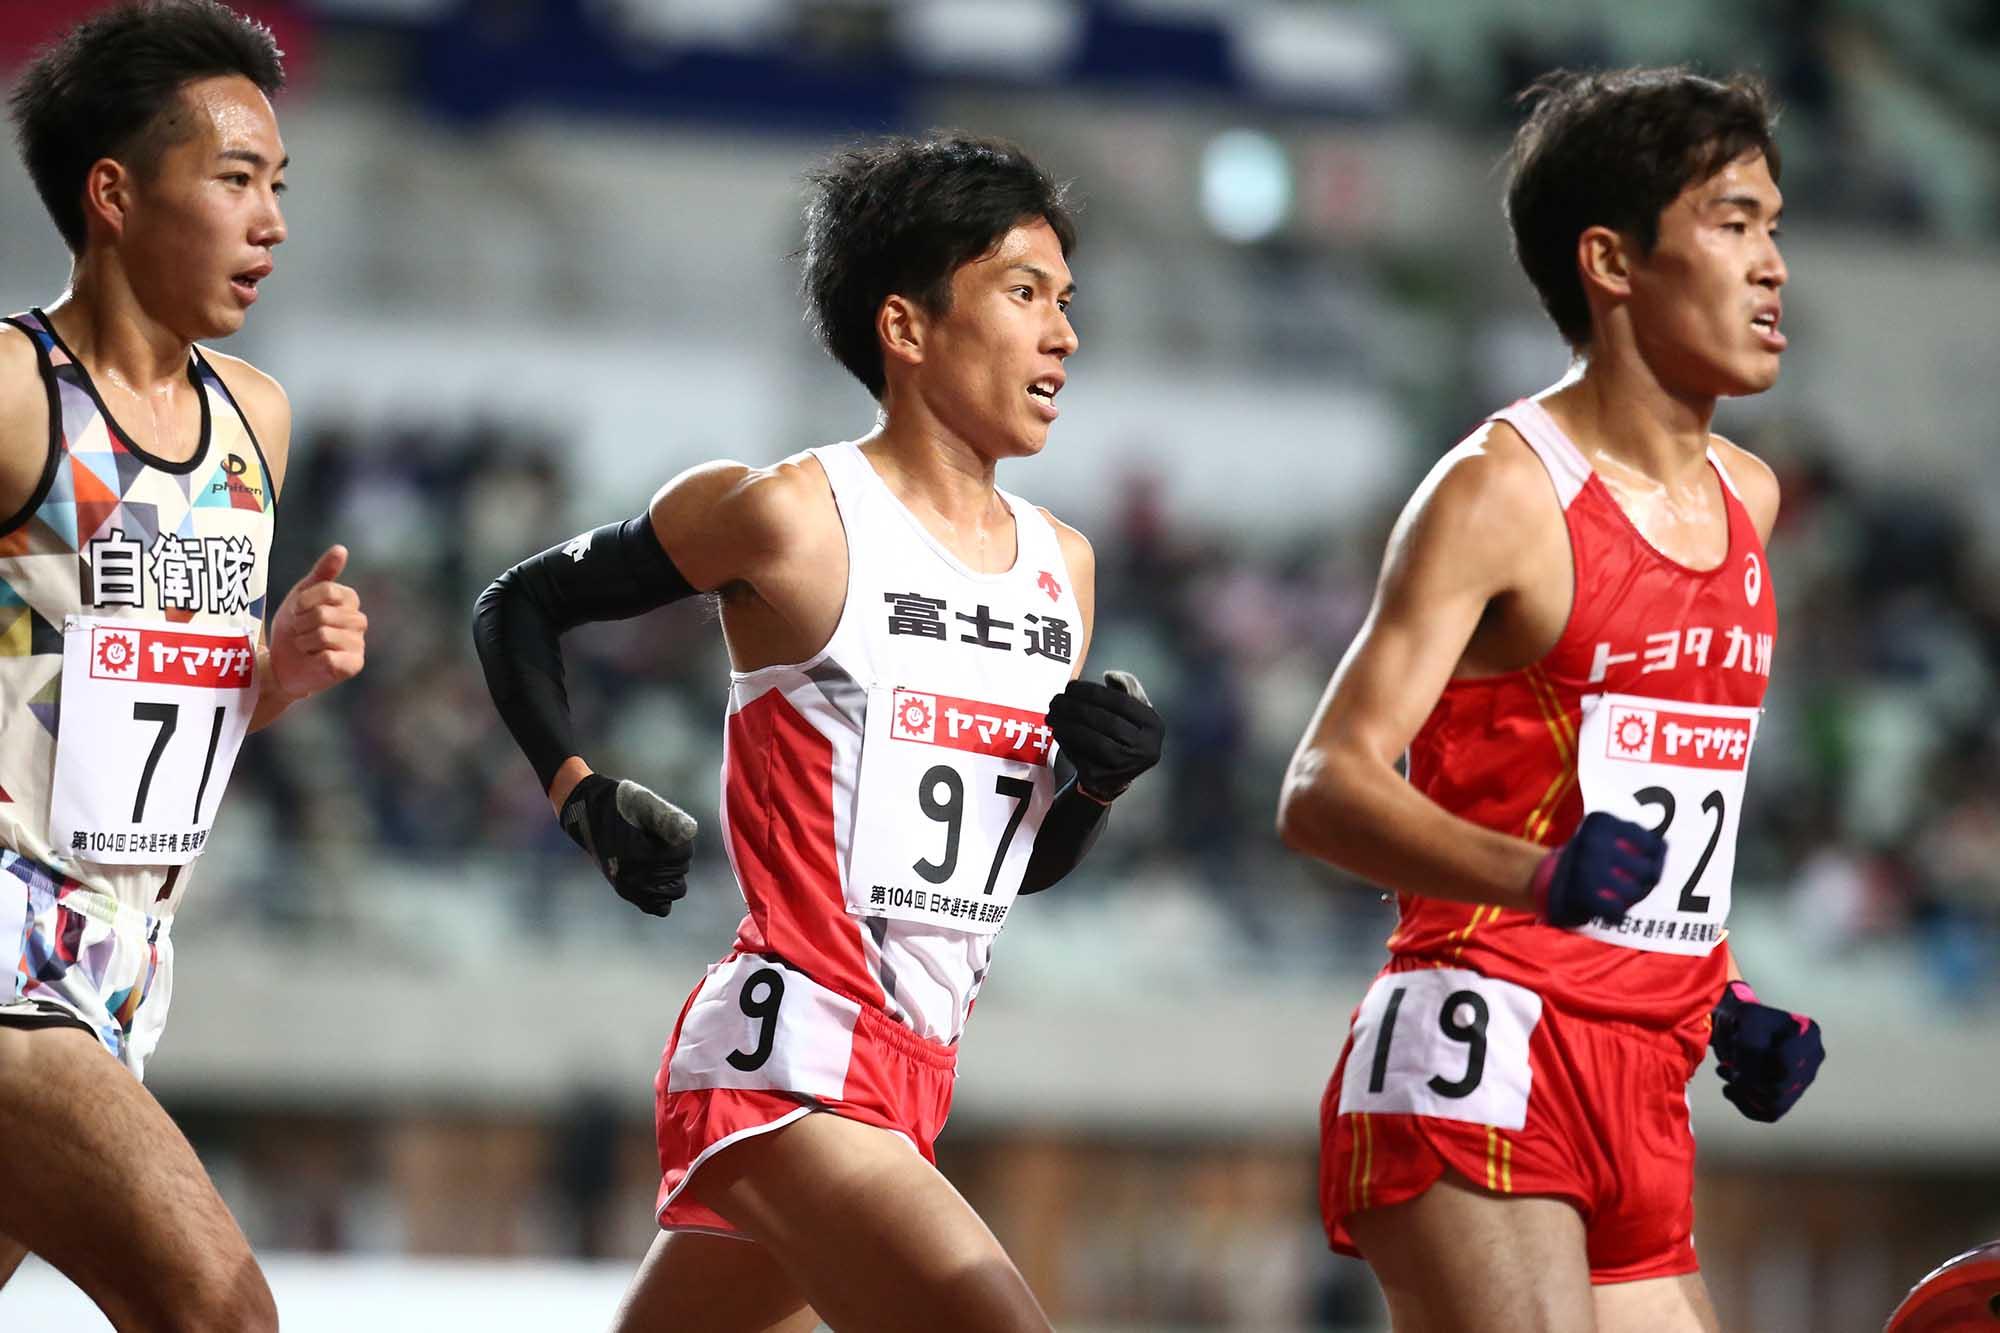 【競技結果】男子10000m